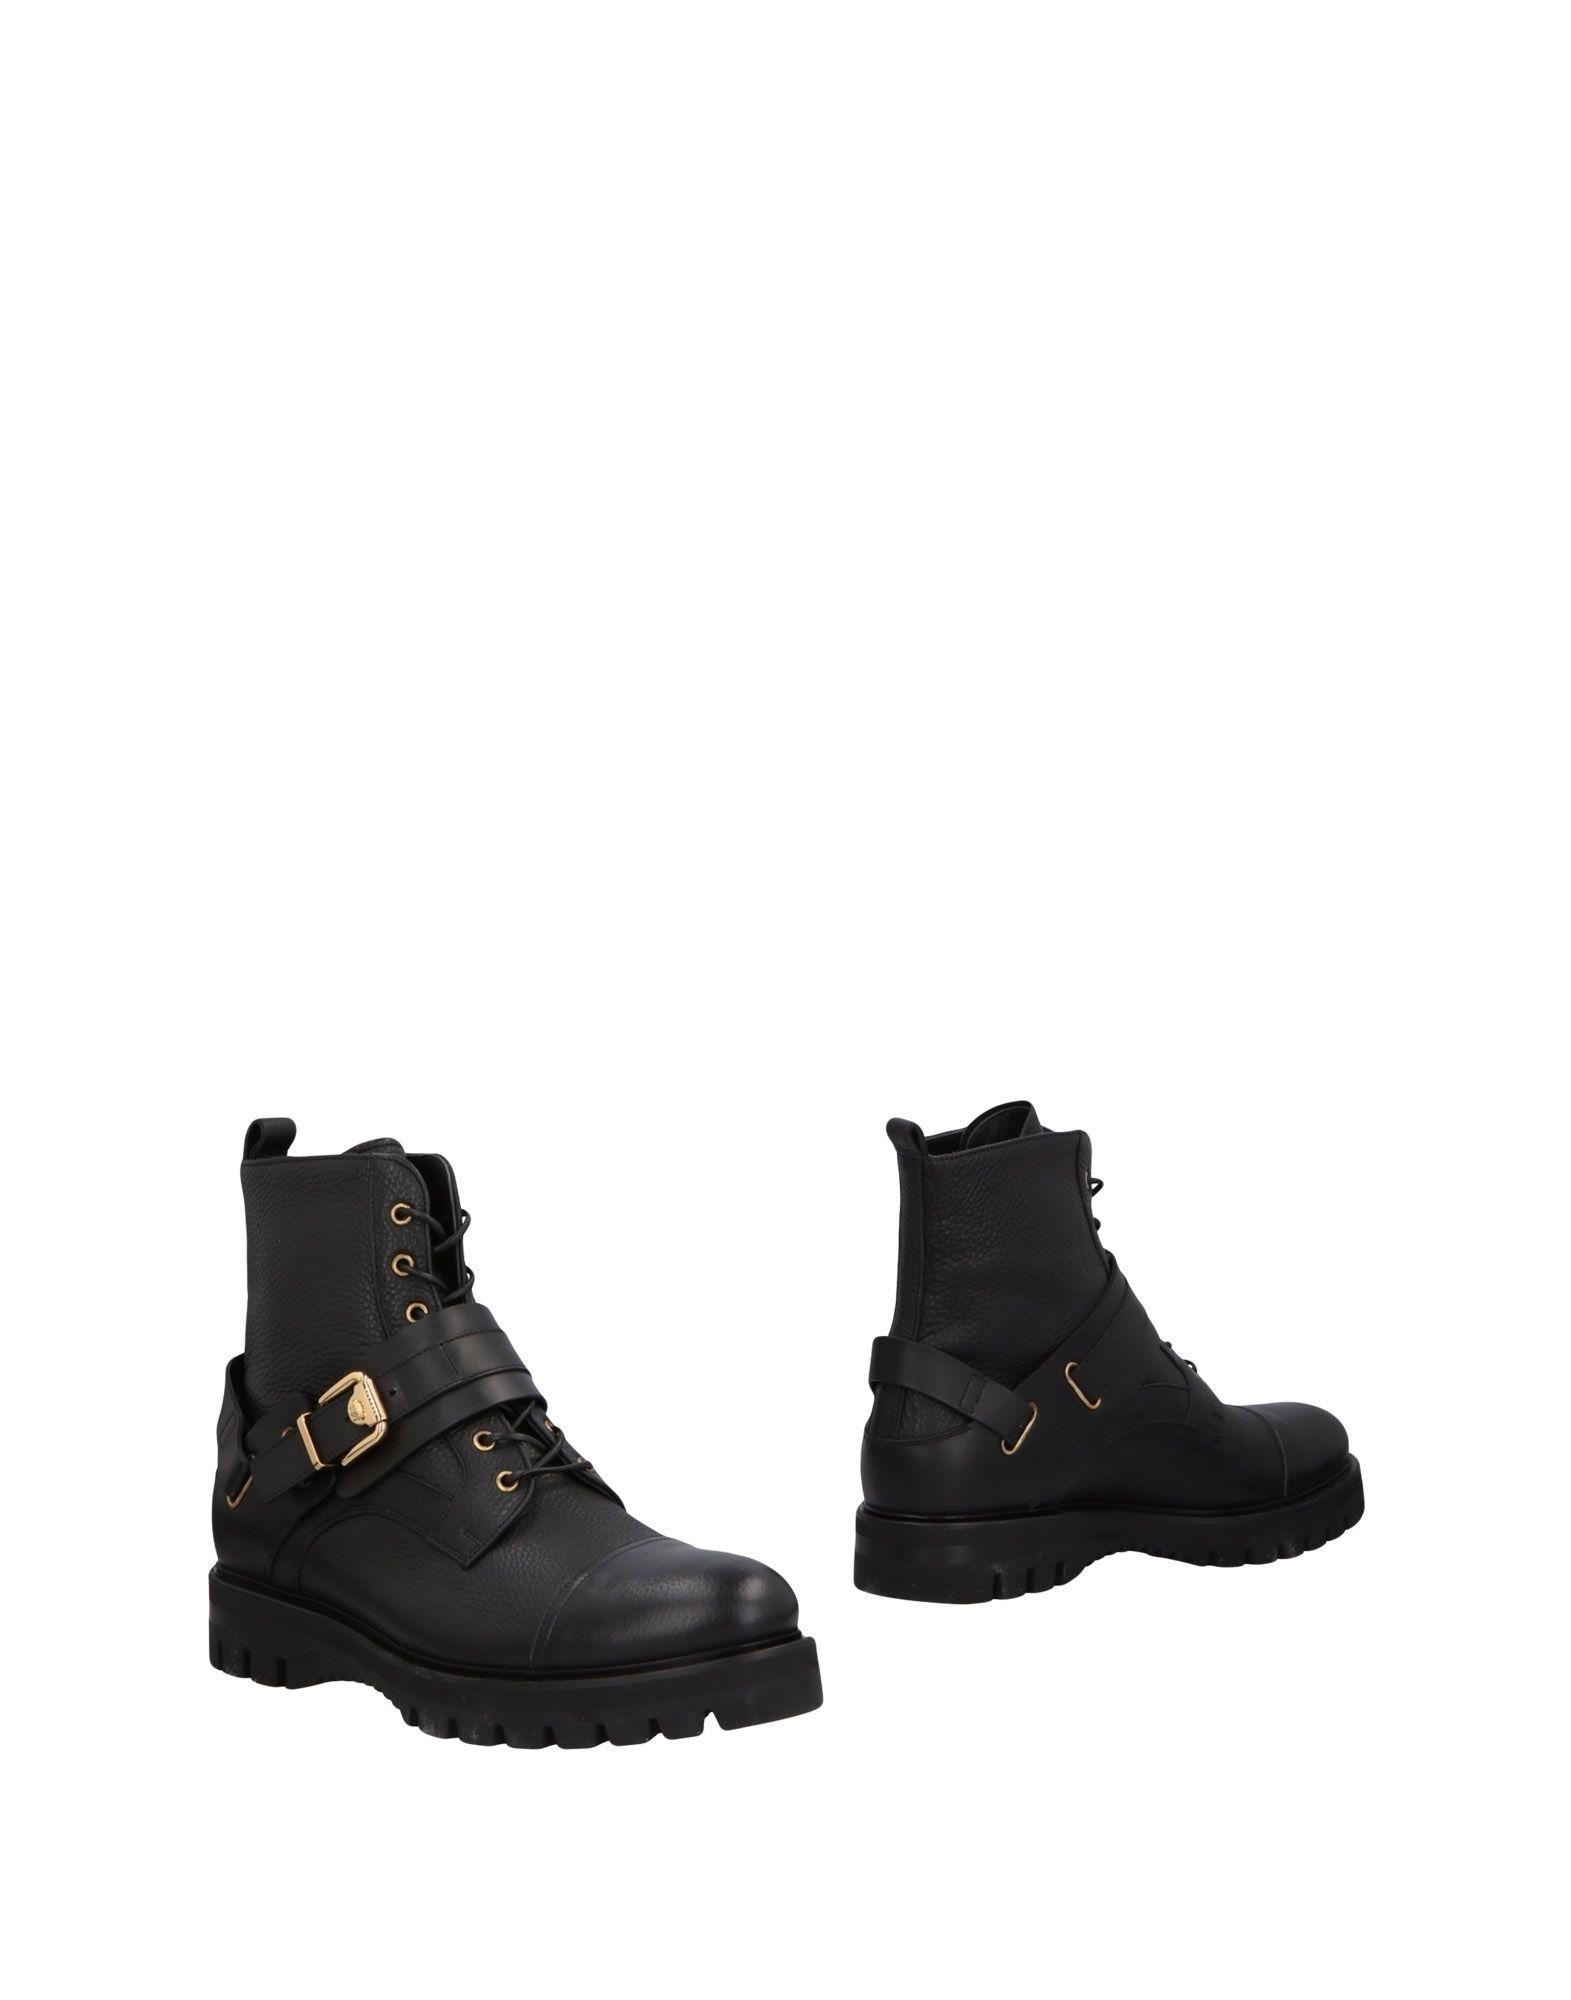 Stivaletti Versace Uomo - 11469220EG Scarpe economiche e buone